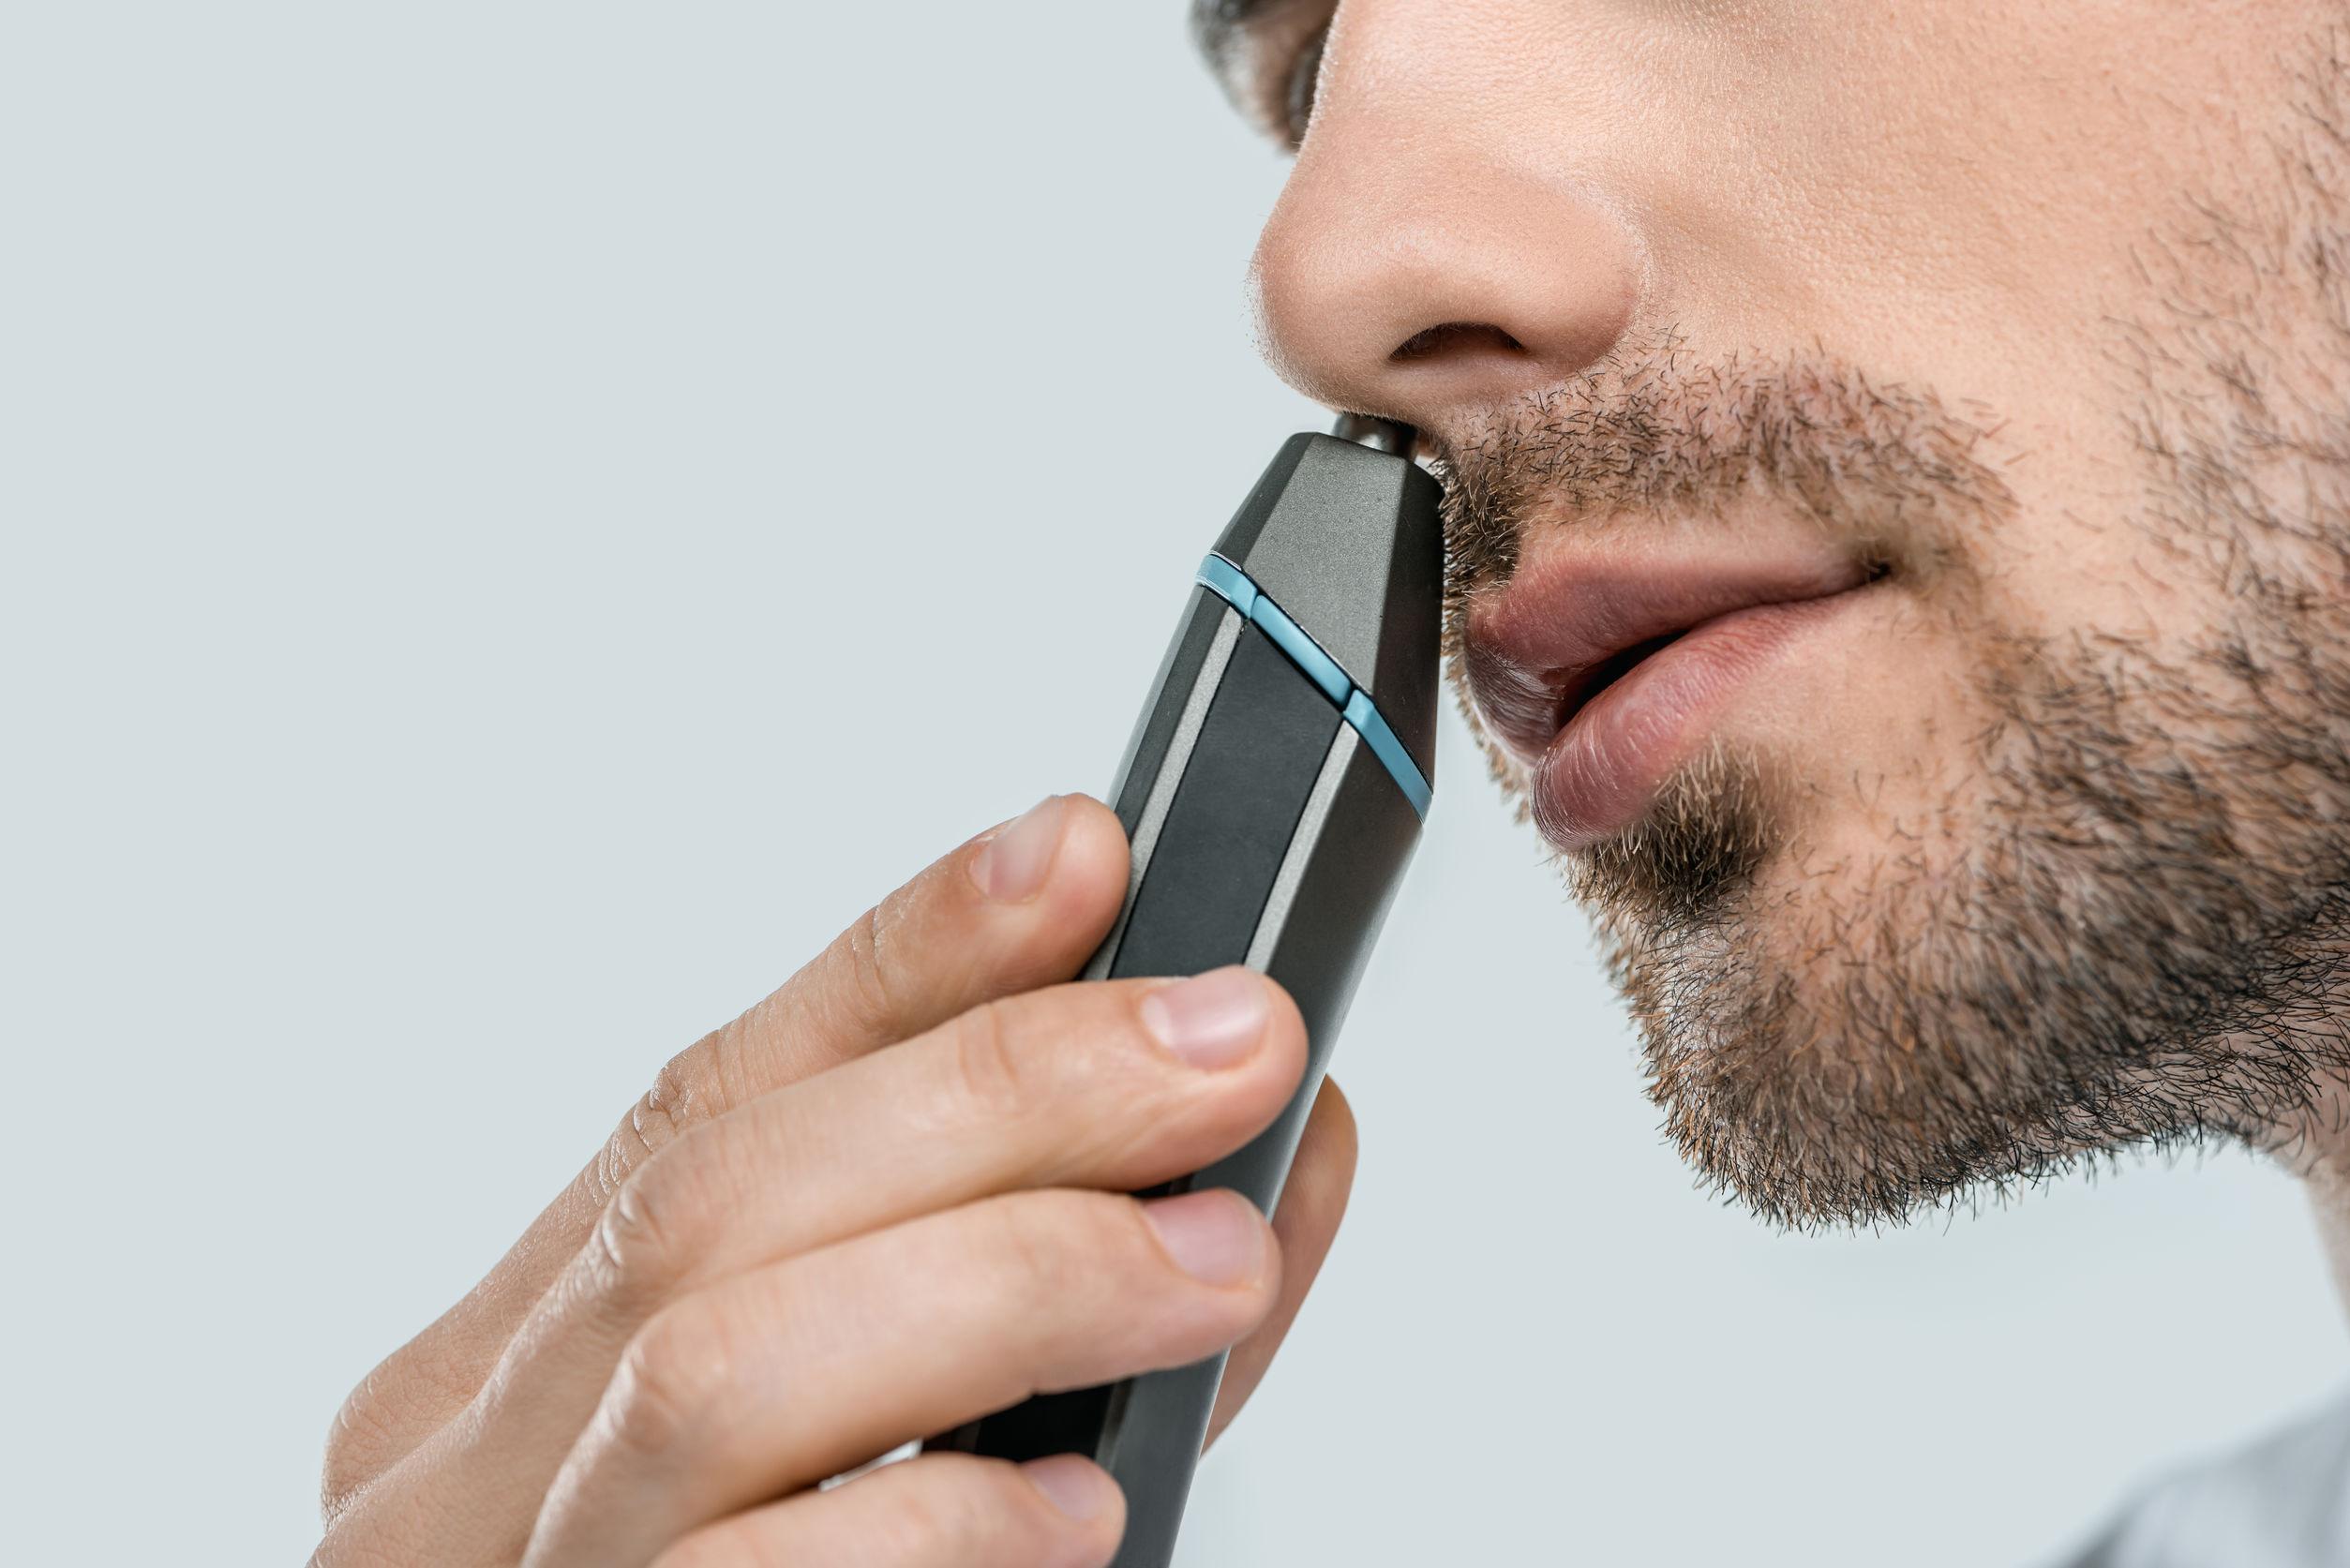 Imagem mostra um homem usando um aparador de pelos do nariz.